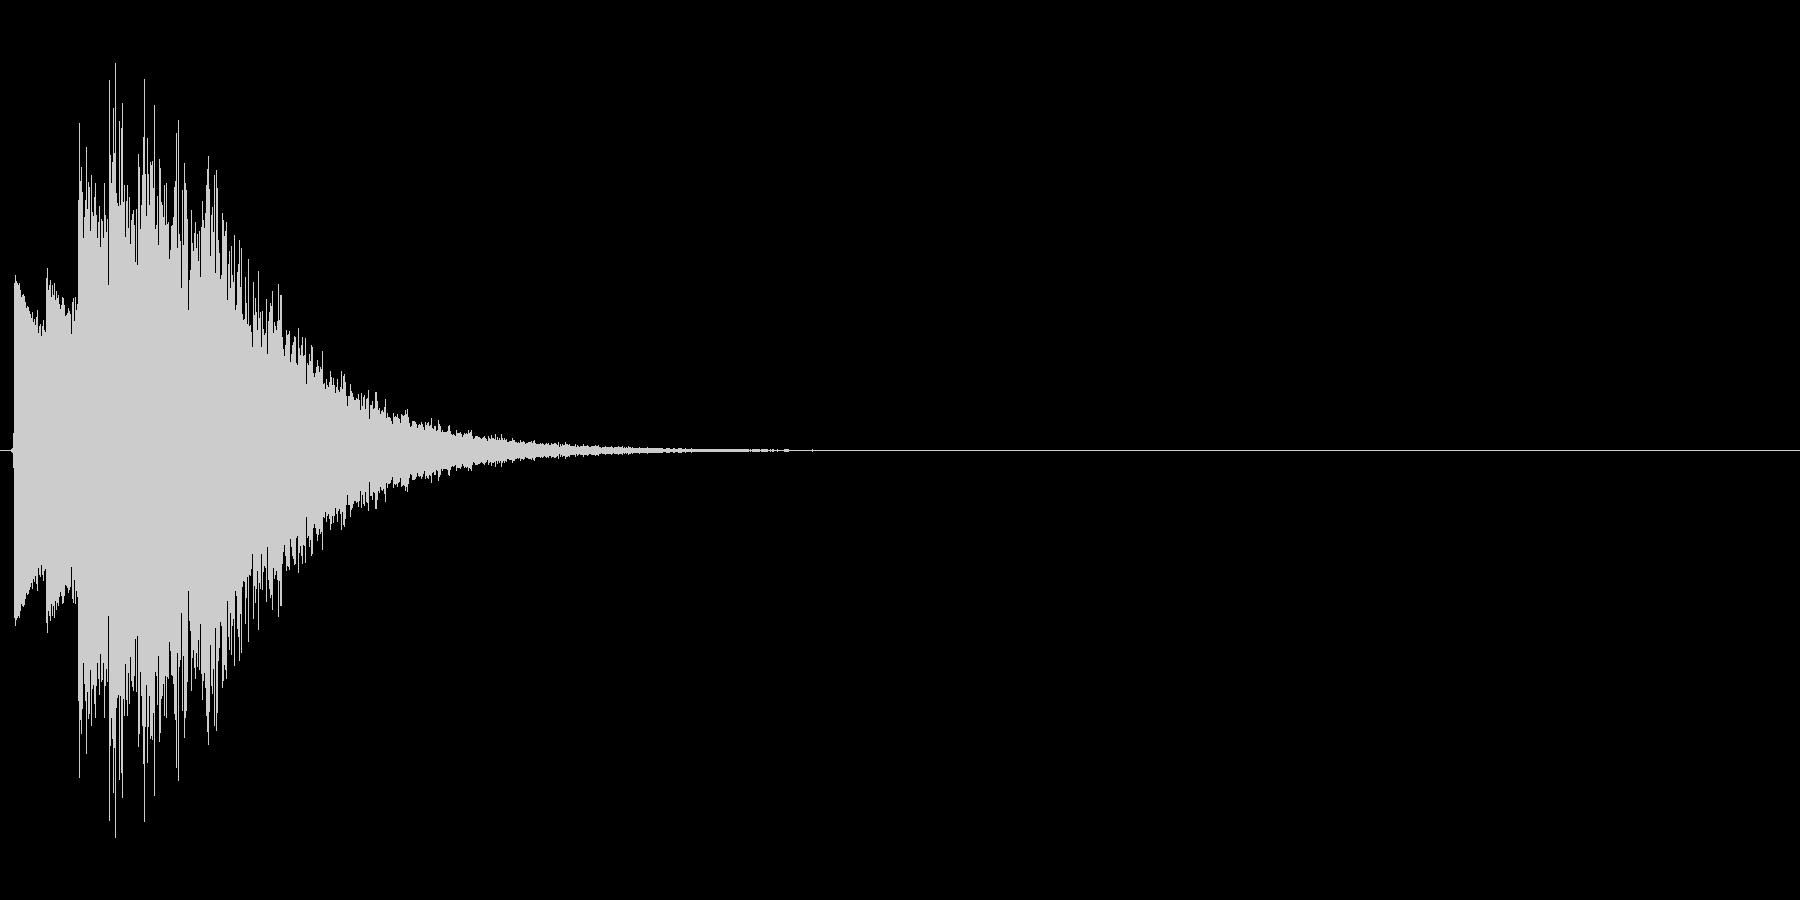 キラキラ...(星、決定、システム音)の未再生の波形